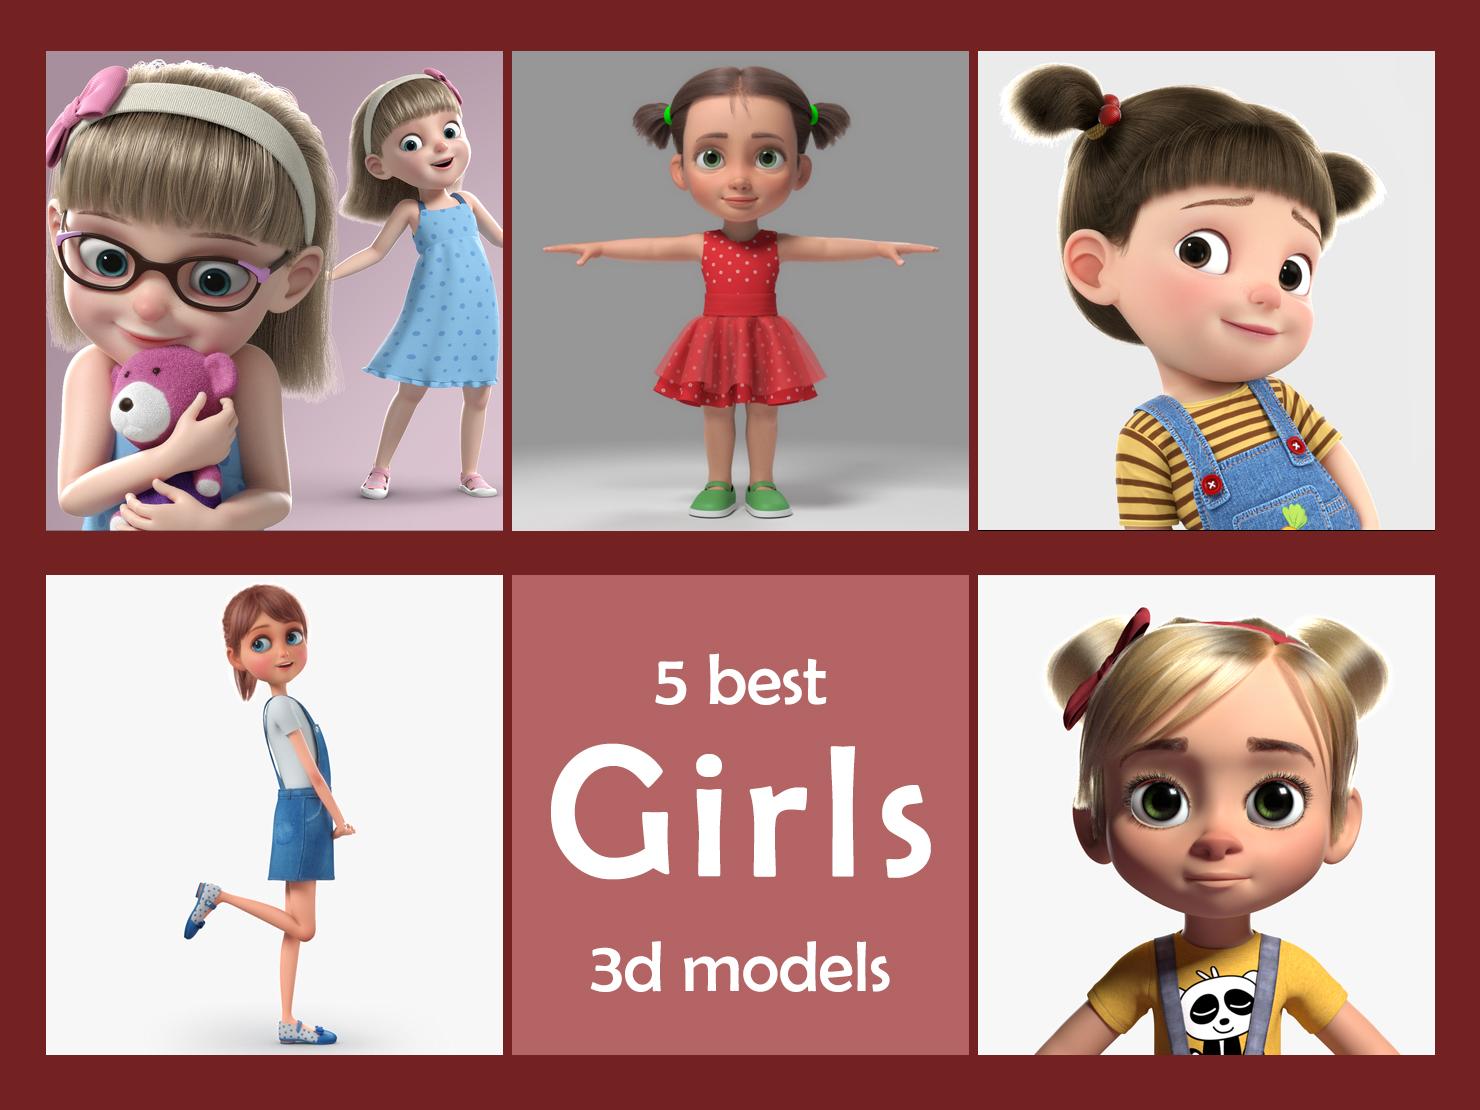 5 best girl 3d models